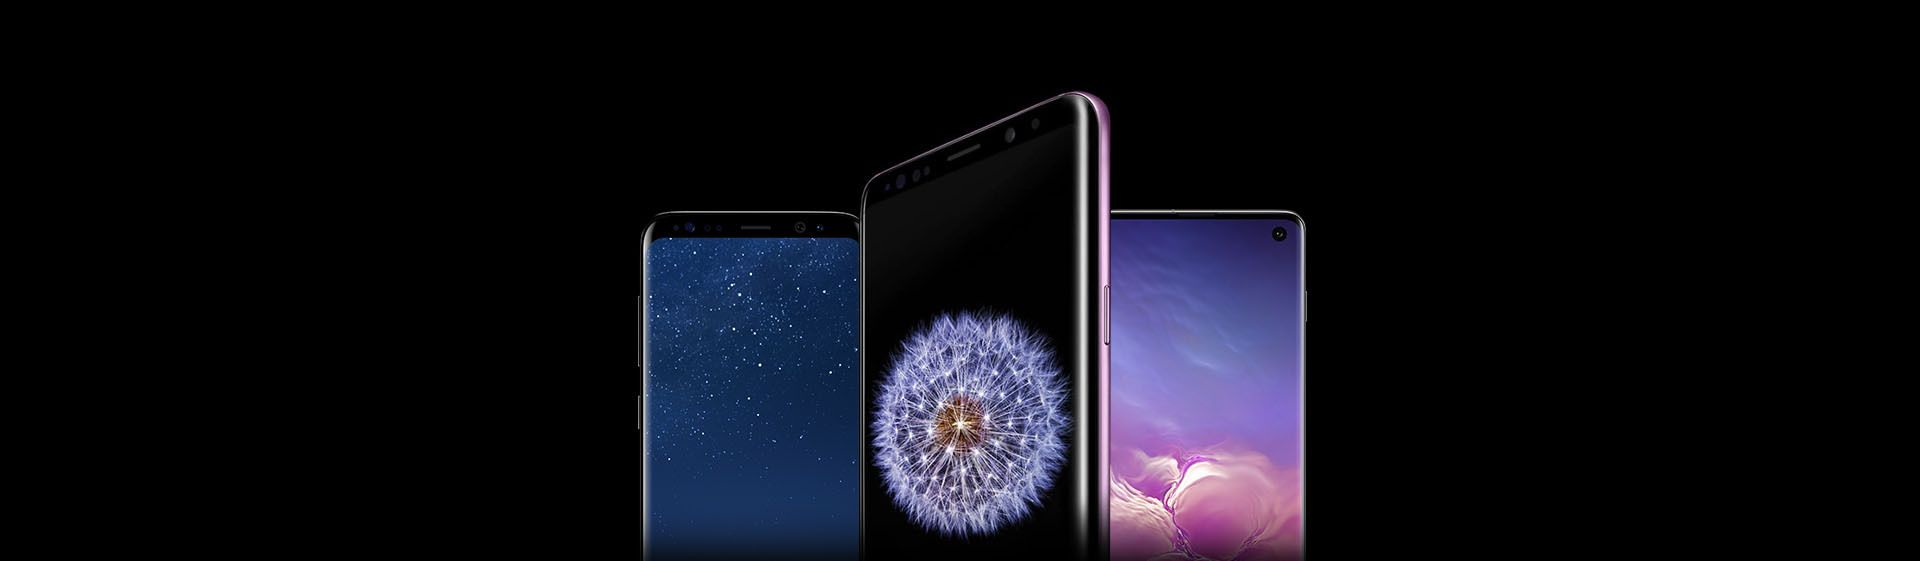 Com lançamento do S21 pela Samsung, S8, S9 e S10 ainda valem a pena?